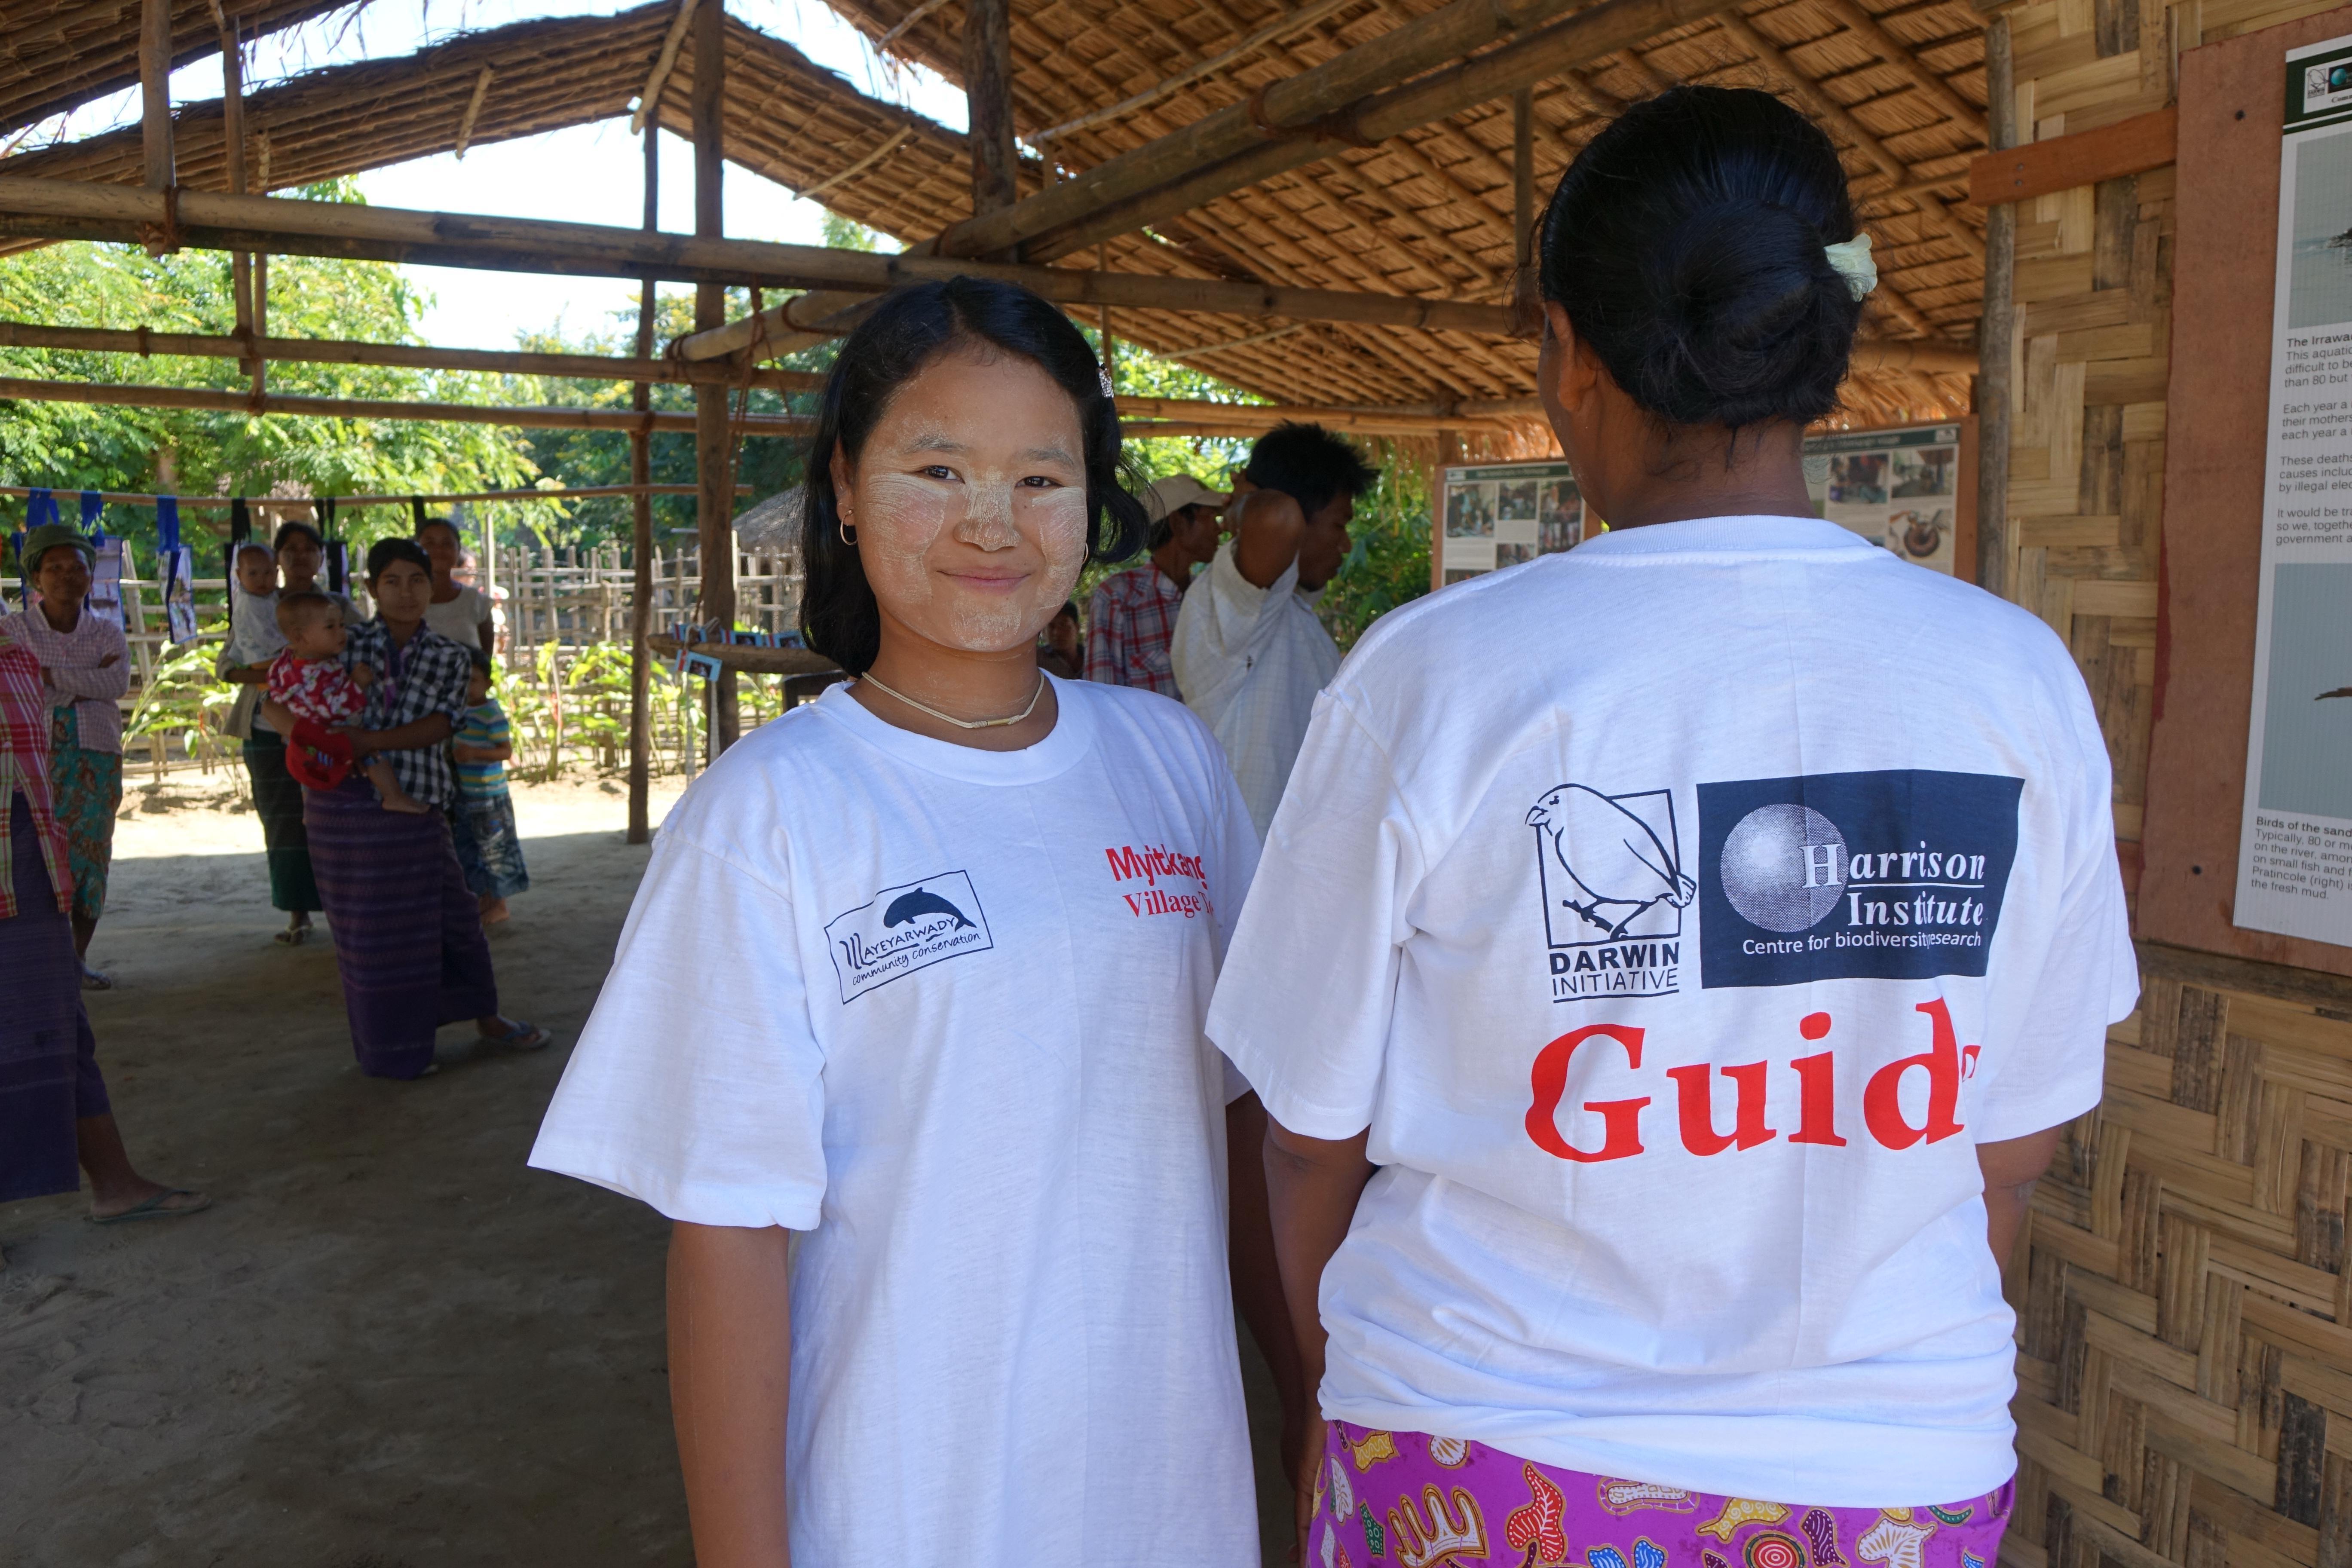 Myanmar 21012 18 Myitkangyi tour guides, Credit Paul Bates